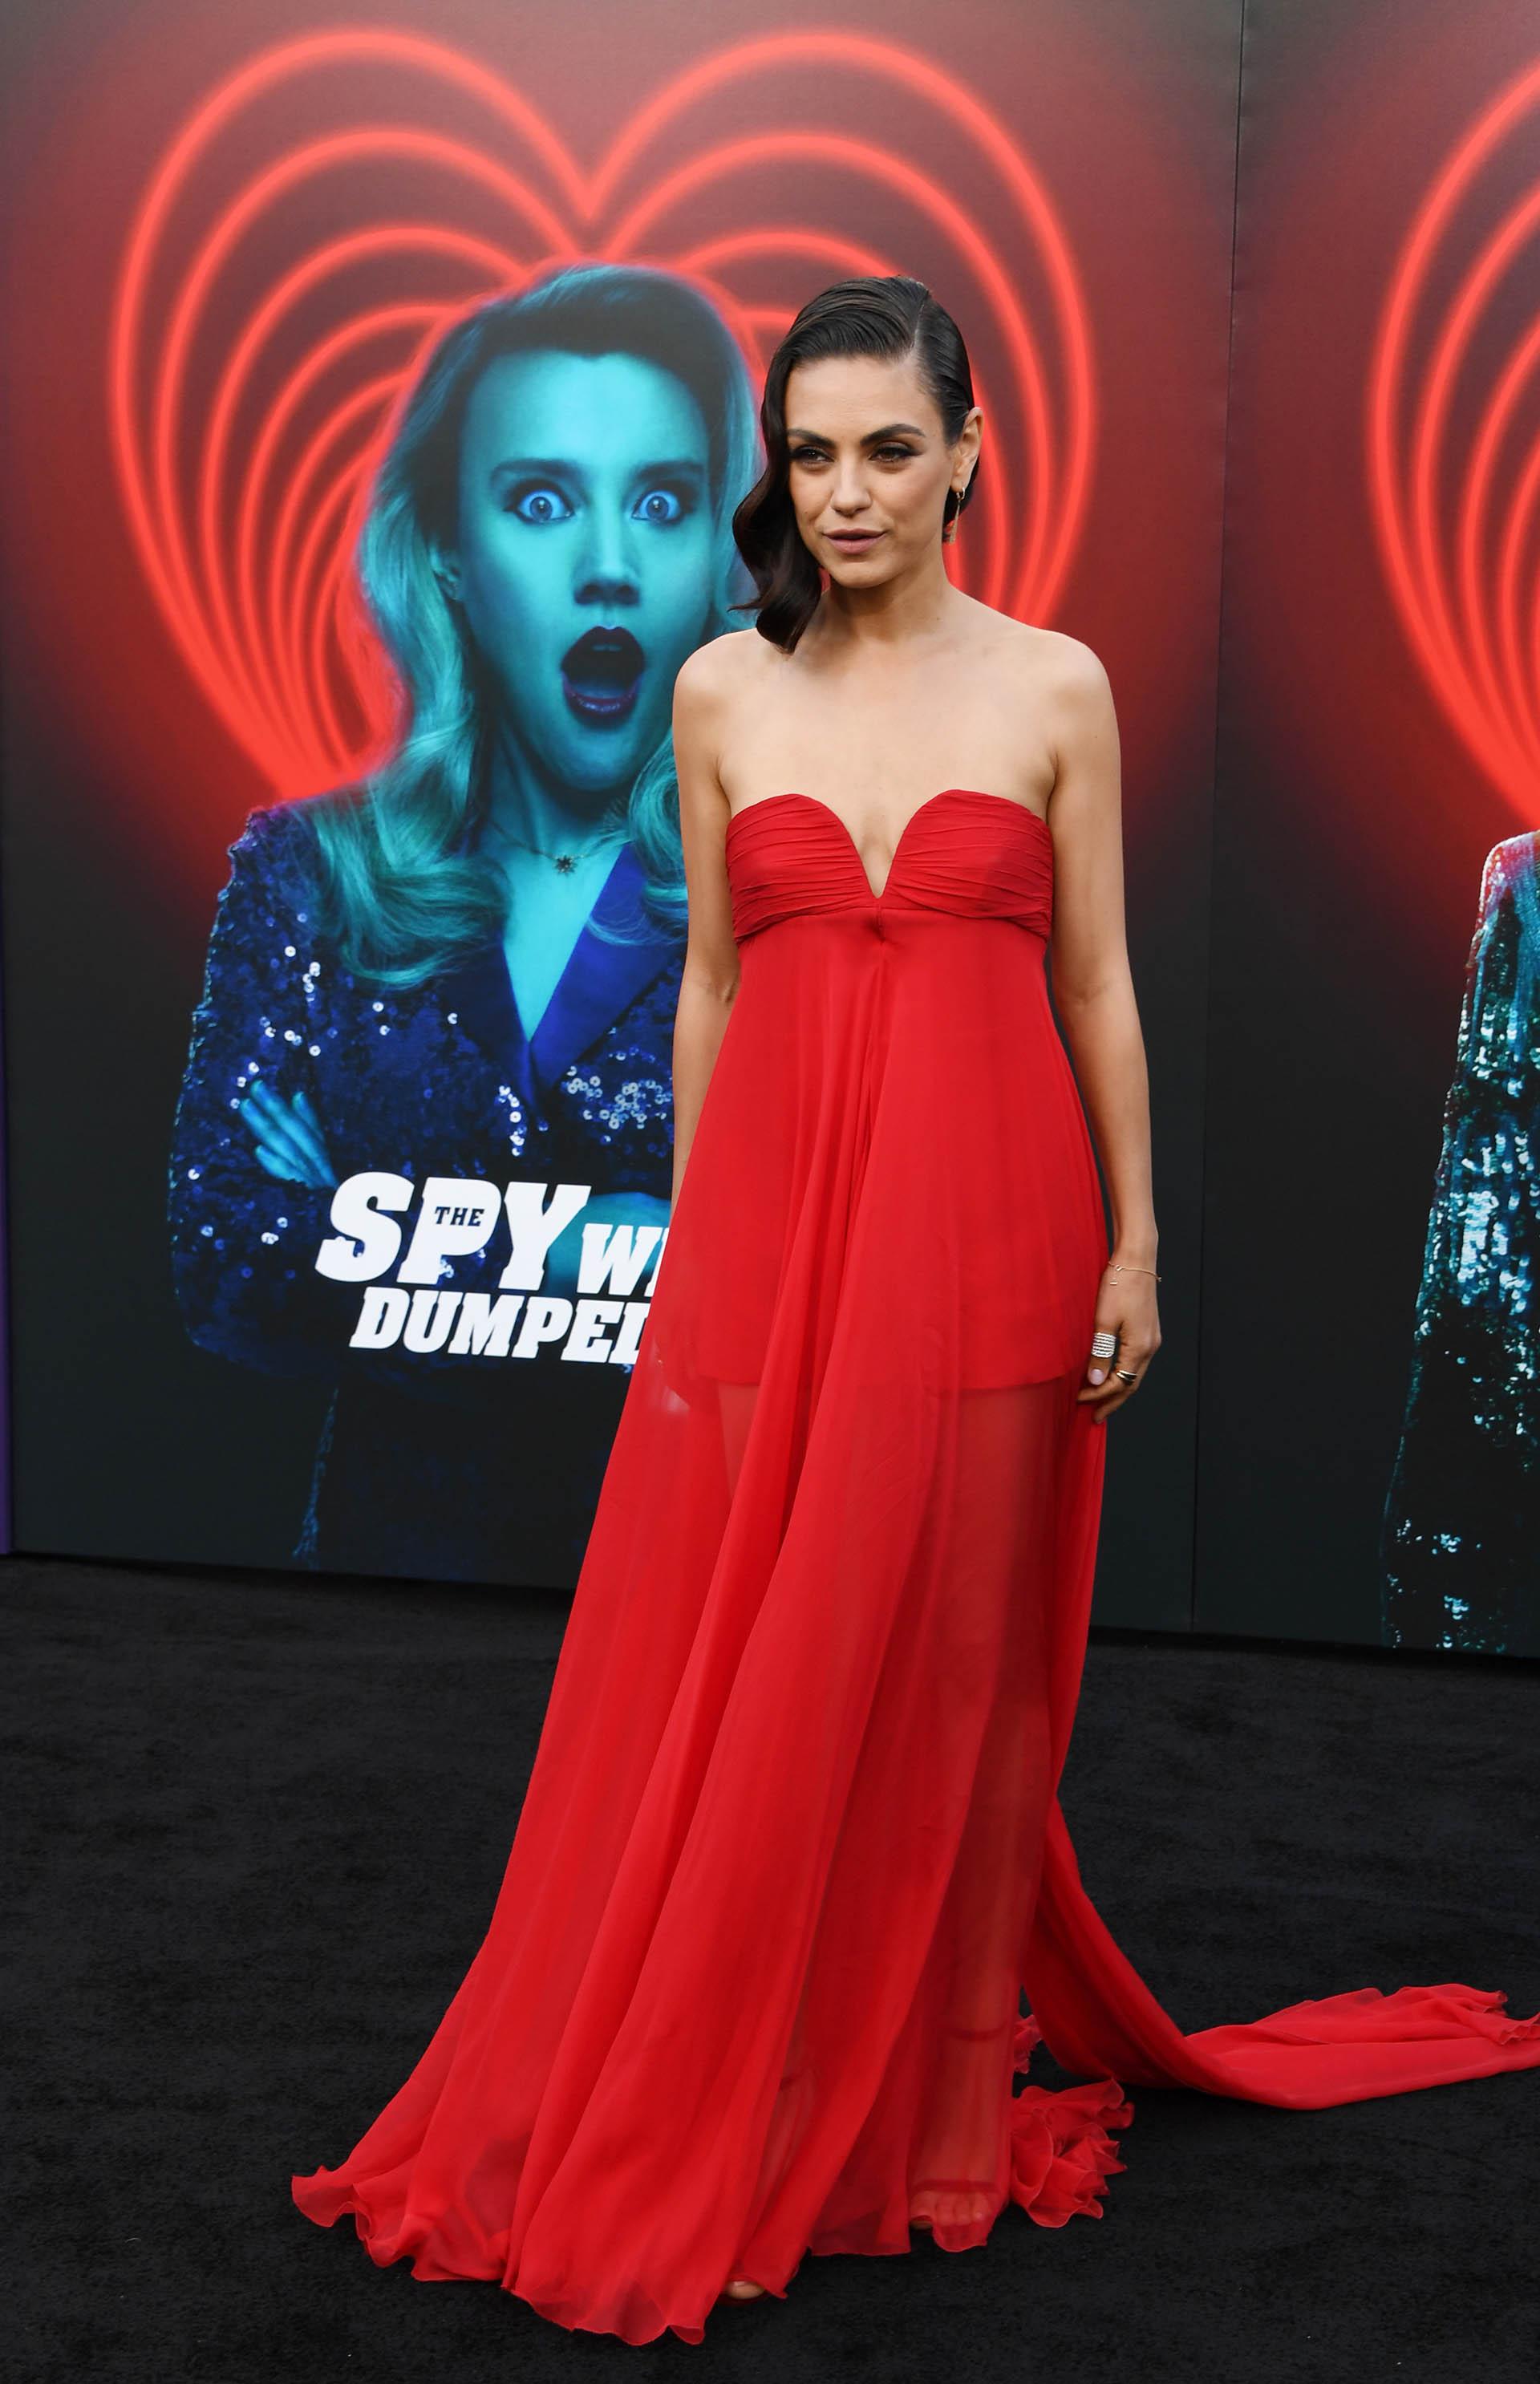 La protagonista de la película, Mila Kunis, lució un vestido de gala colorado con transparencias y strapless